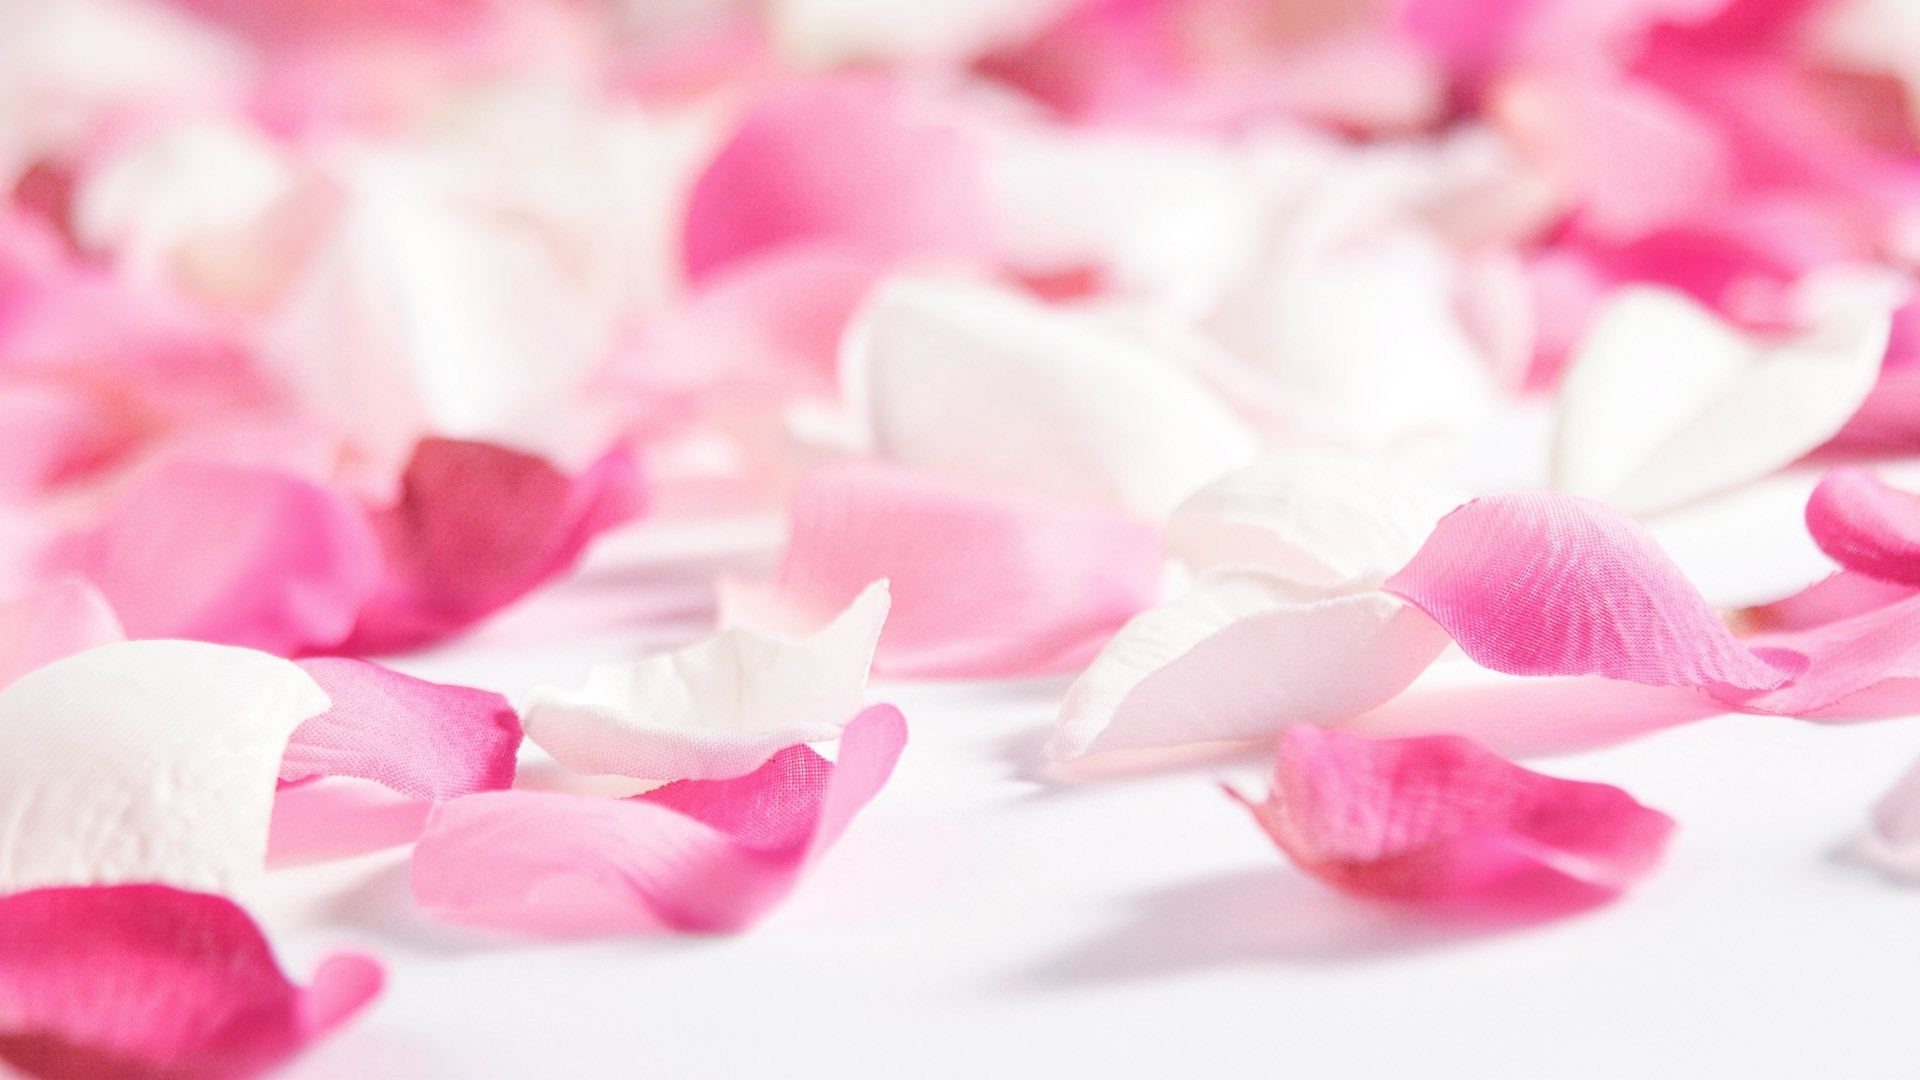 Wallpaper Rose Hd Gratuit A Telecharger Sur Ngn Mag